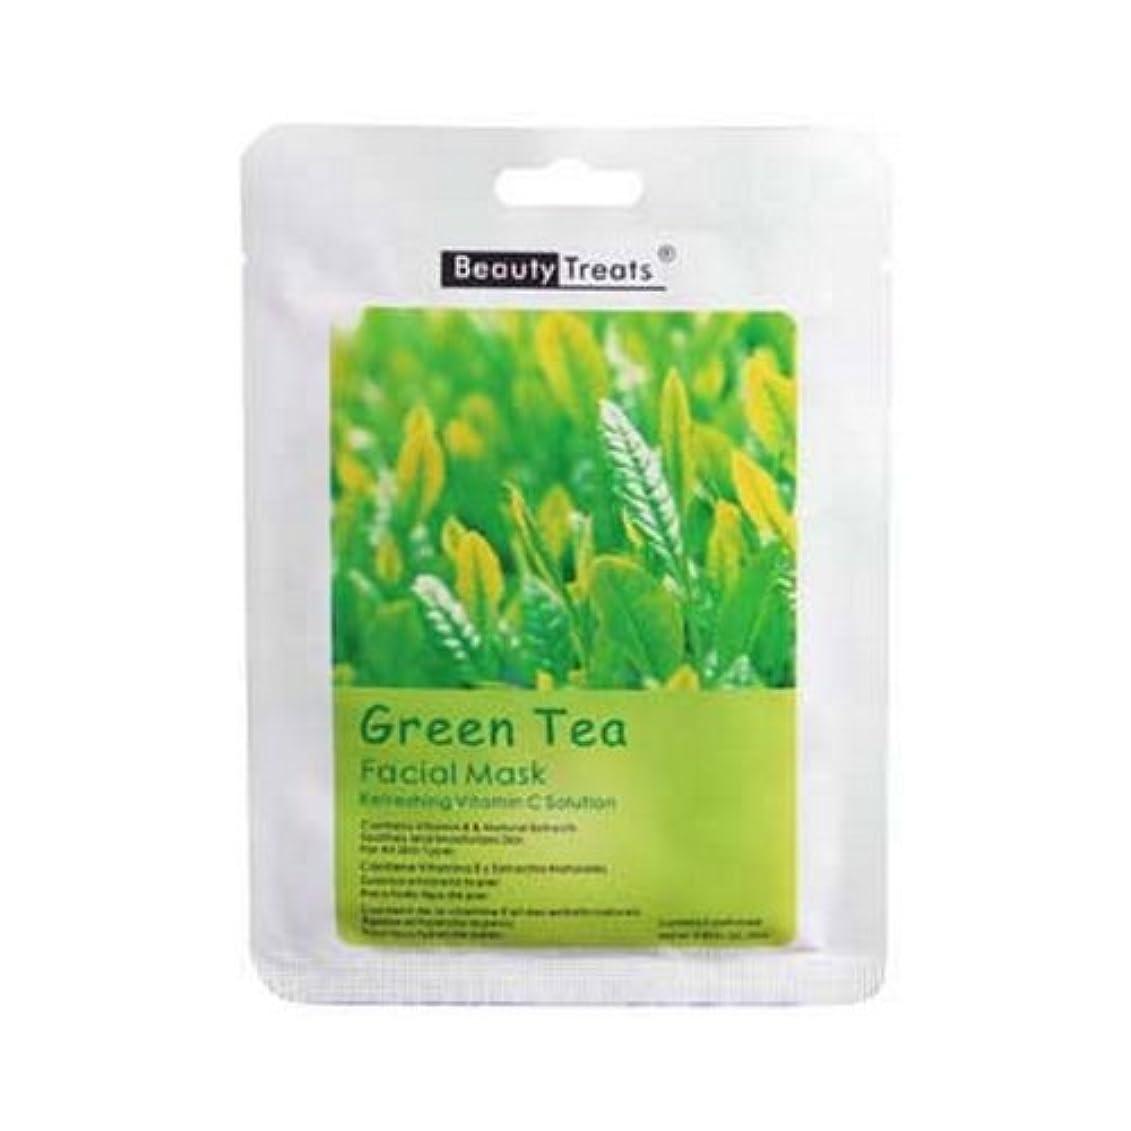 結紮ライムコーンウォール(3 Pack) BEAUTY TREATS Facial Mask Refreshing Vitamin C Solution - Green Tea (並行輸入品)